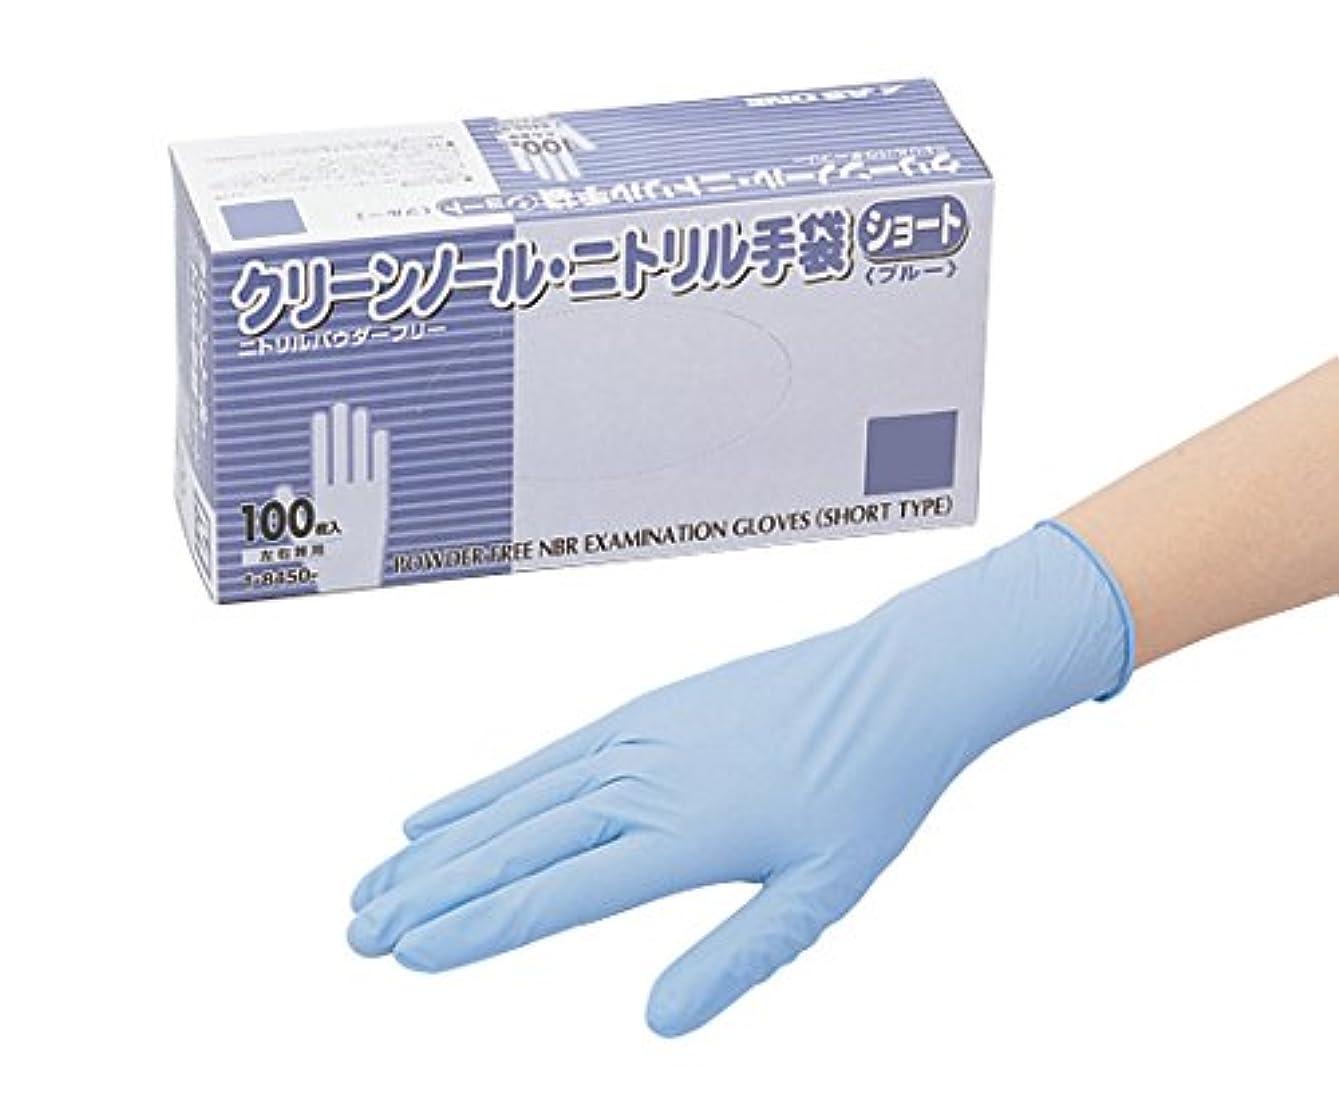 乱雑なワゴンインシュレータアズワン1-8450-21クリーンノールニトリル手袋ショート(パウダーフリ-)ブルーL100枚入